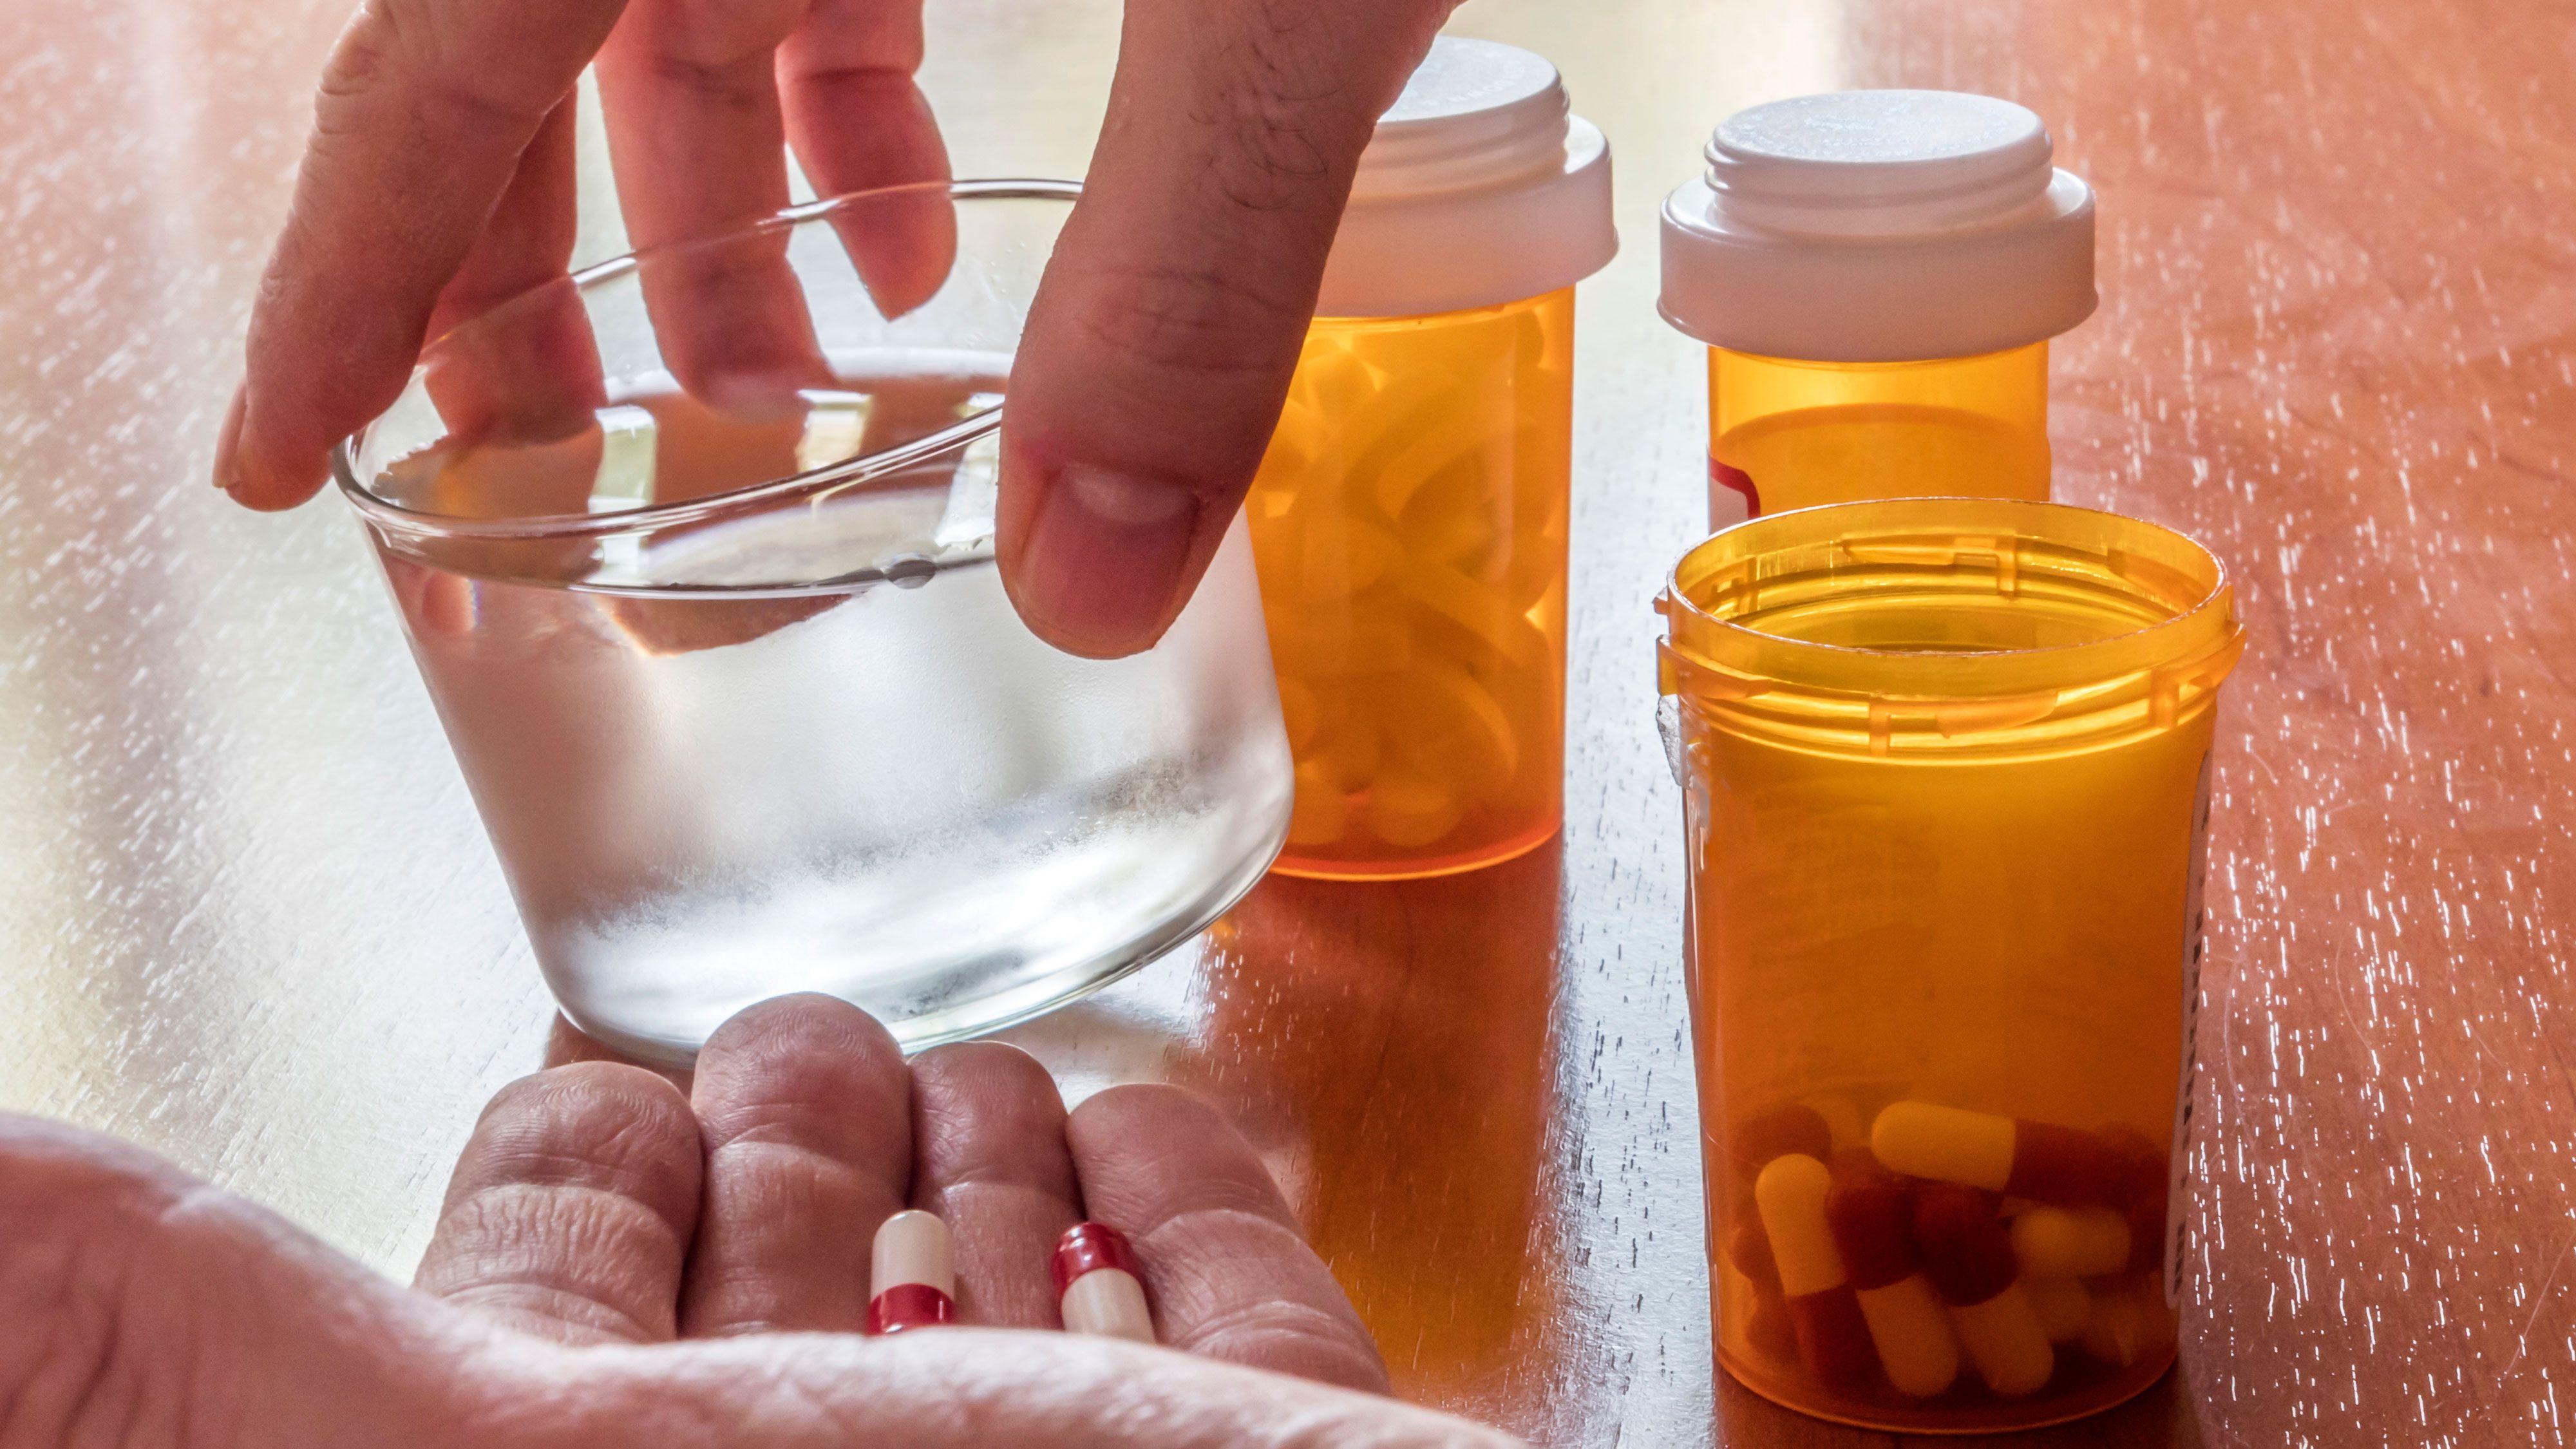 pharmacy-pills-in-hand-iStock-1086688144.jpg